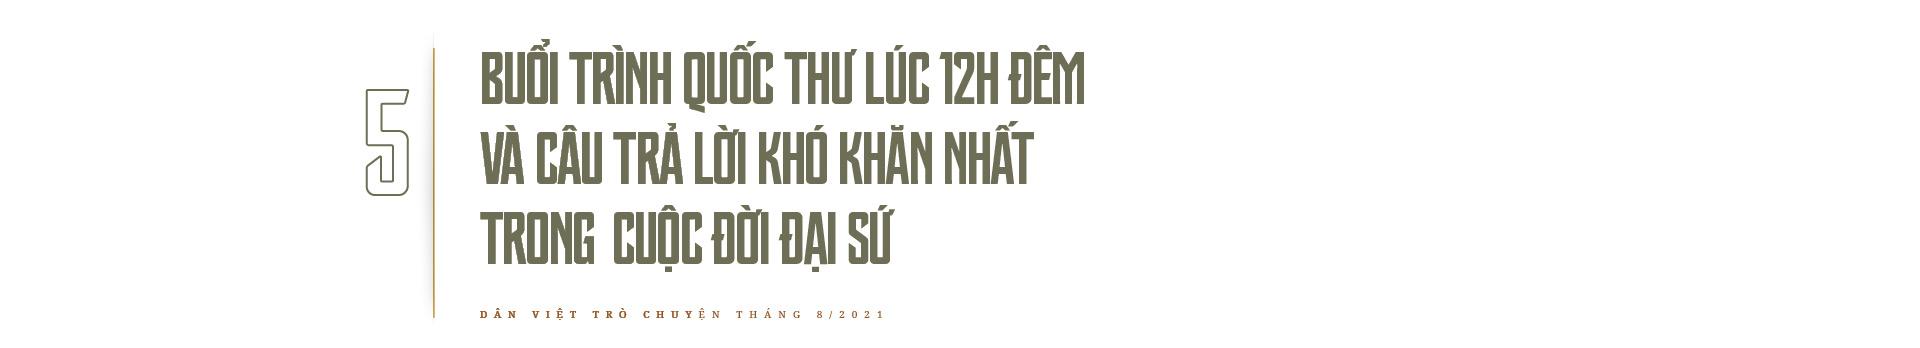 Nhà cách mạng Trần Tử Bình qua lời kể của võ sư Trần Việt Trung: Một cuộc đời như huyền thoại - Ảnh 12.